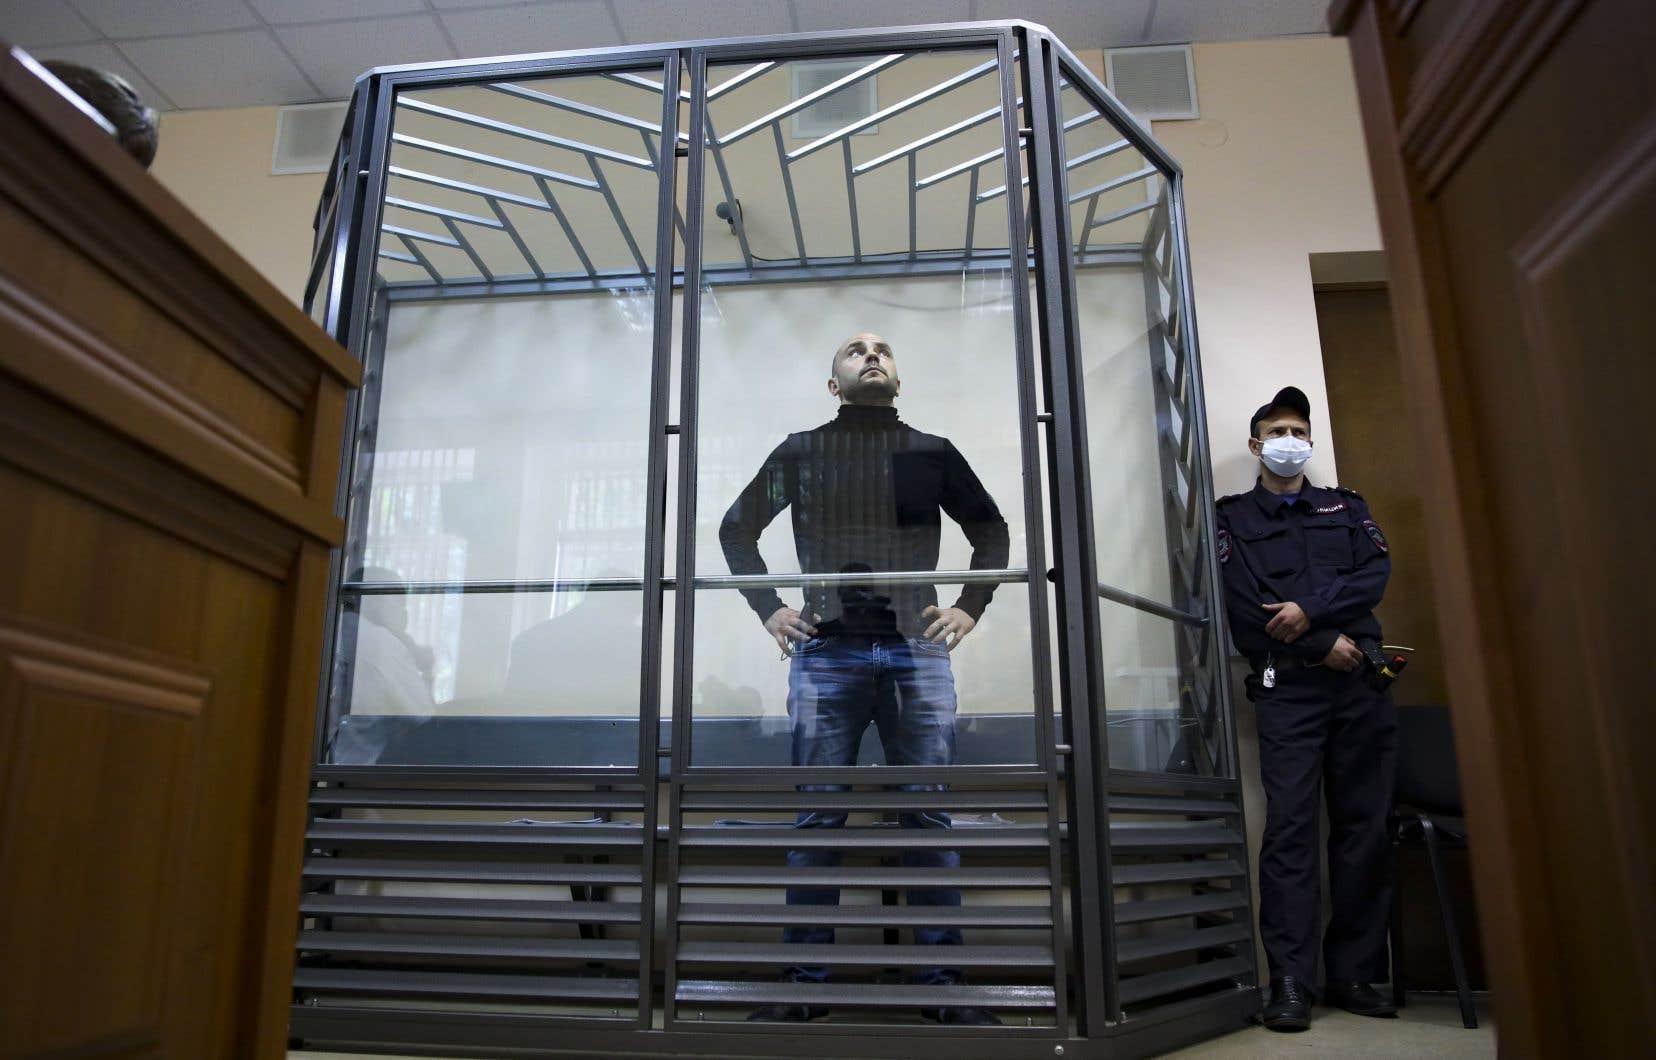 L'ancien dirigeant de l'organisation d'opposition russe Open Russia, Alexeï Pivovarov, a été placé en détention provisoire mercredi. On le voit ici au tribunal de Krasnodar.